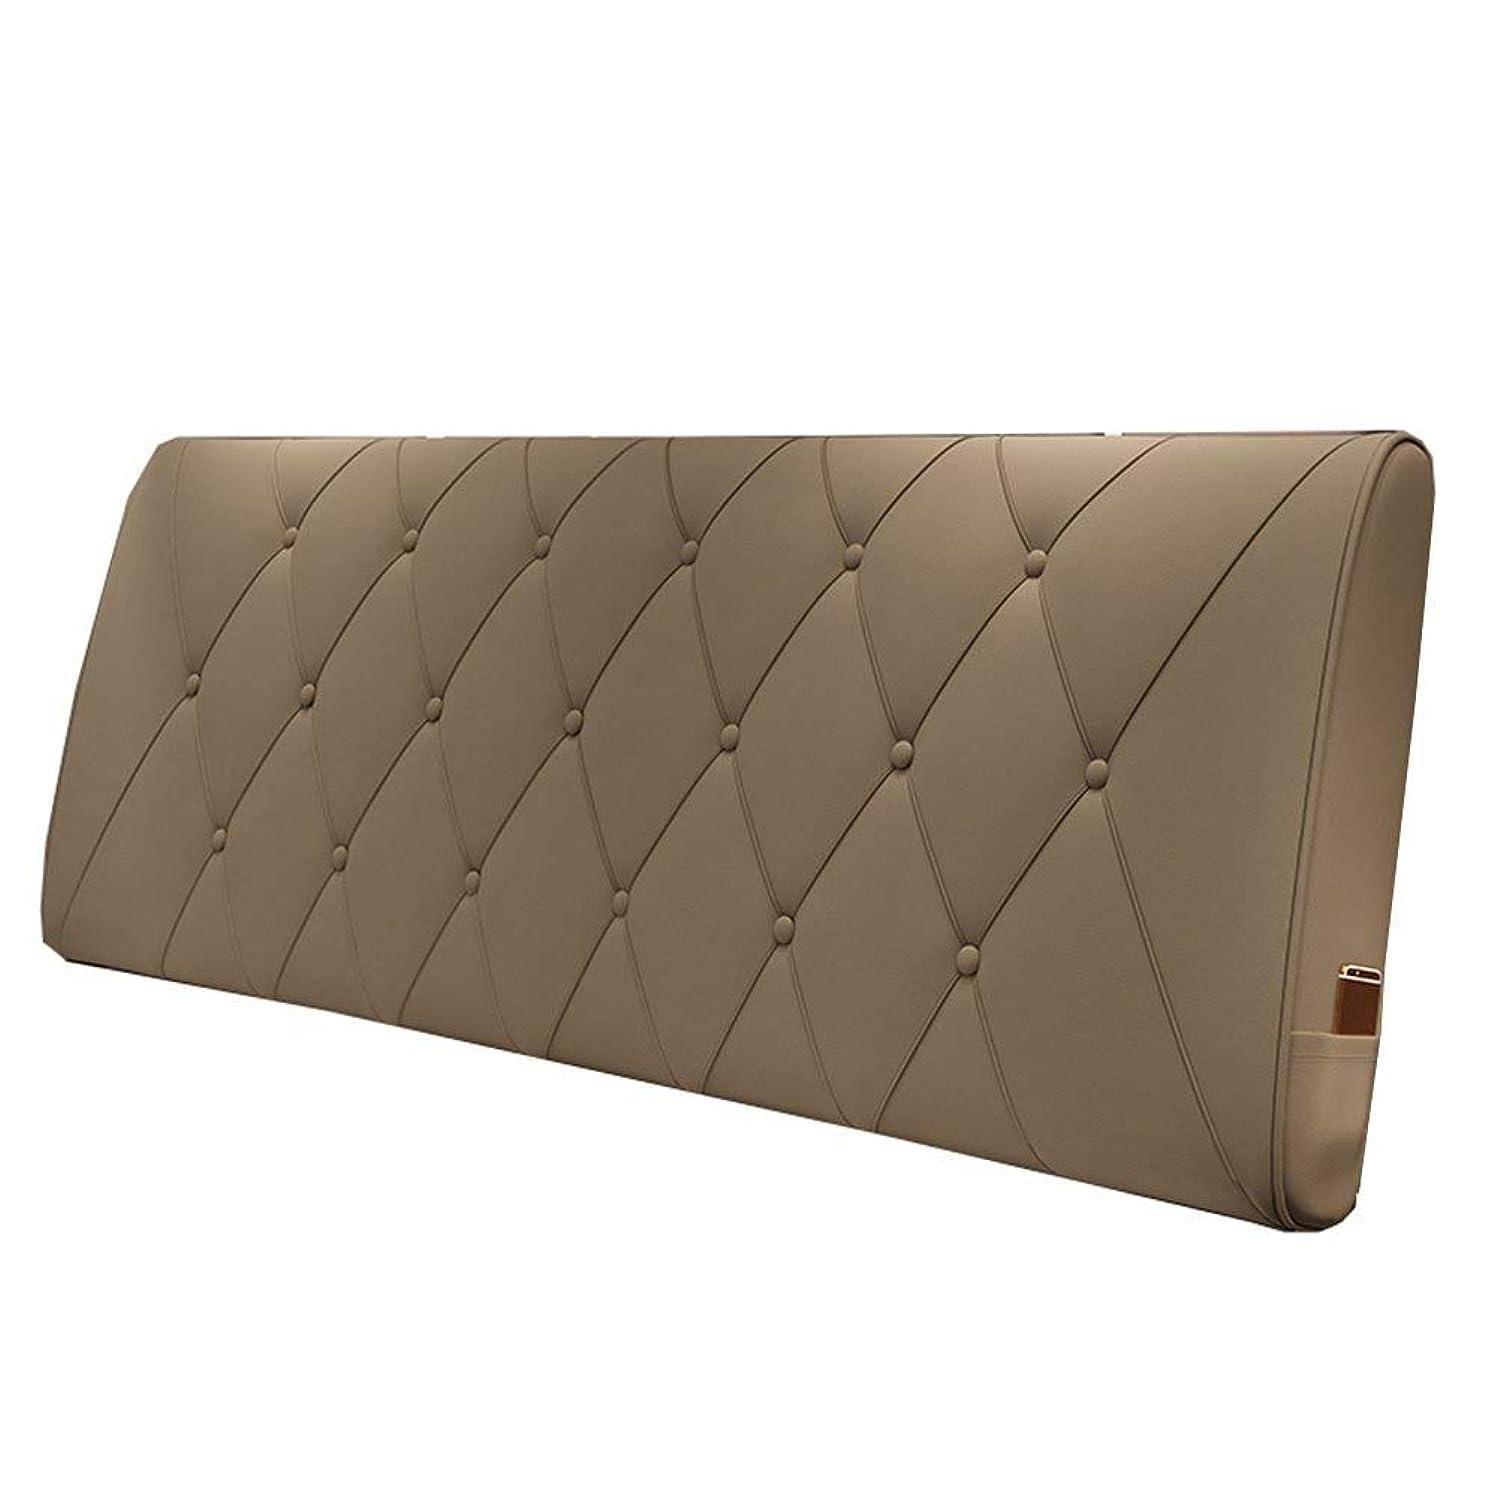 インタビュー現実にはデコレーションGLP 枕ヘッドボードソフトパック畳ベッドヘッドクッションラージバッククッションベッドヘッドカバーレザーモダン、3色&5サイズ、 (Color : Khaki, Size : 120*10*60cm)